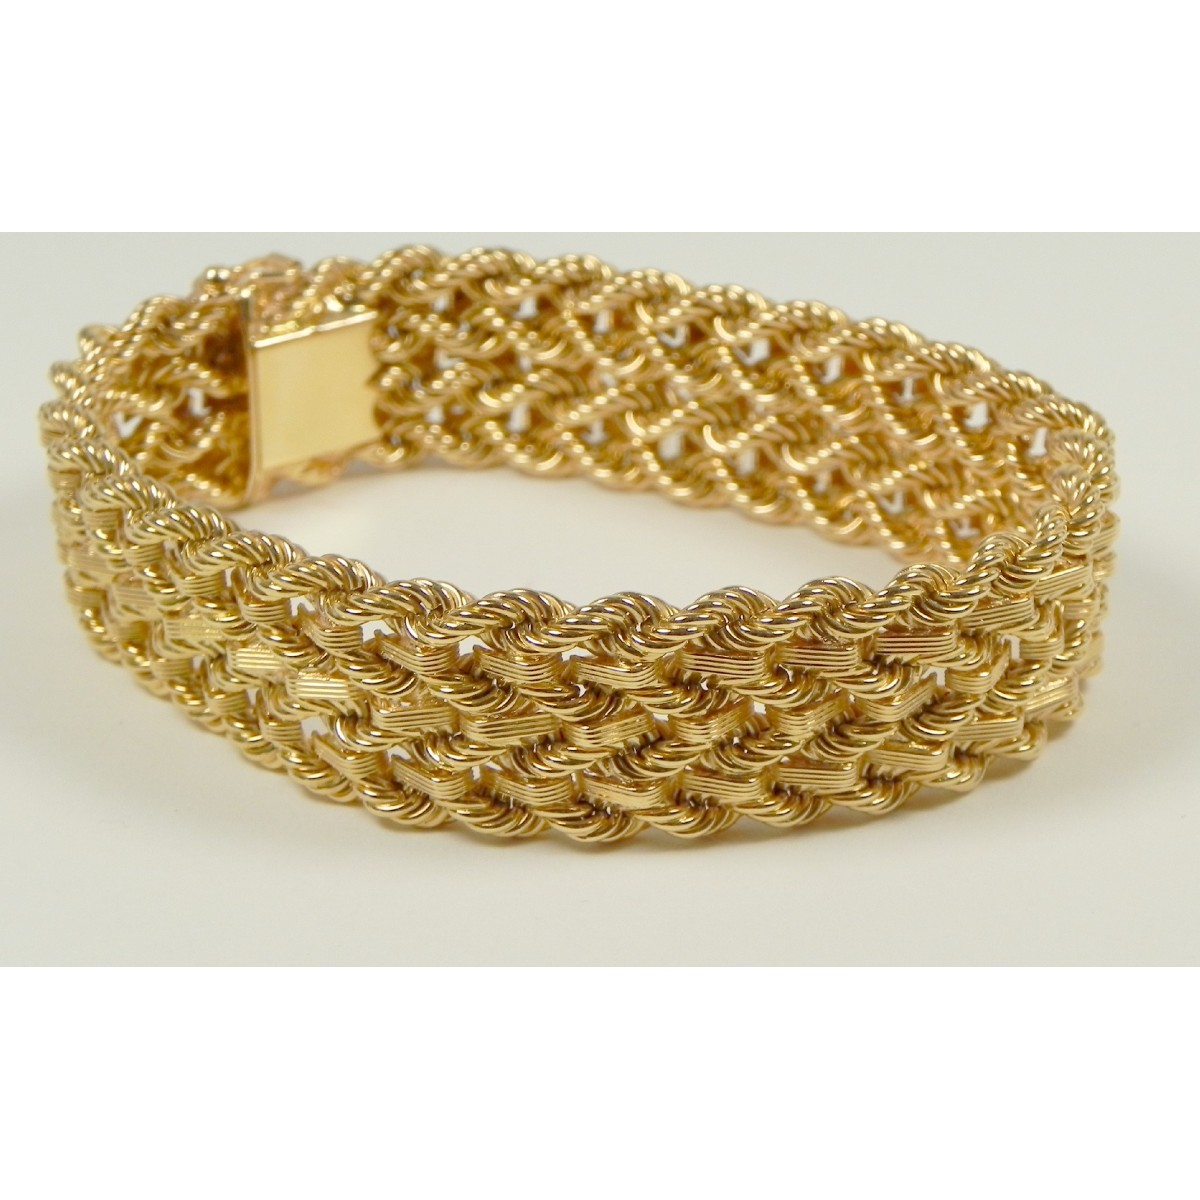 Magnifique bracelet en or rose